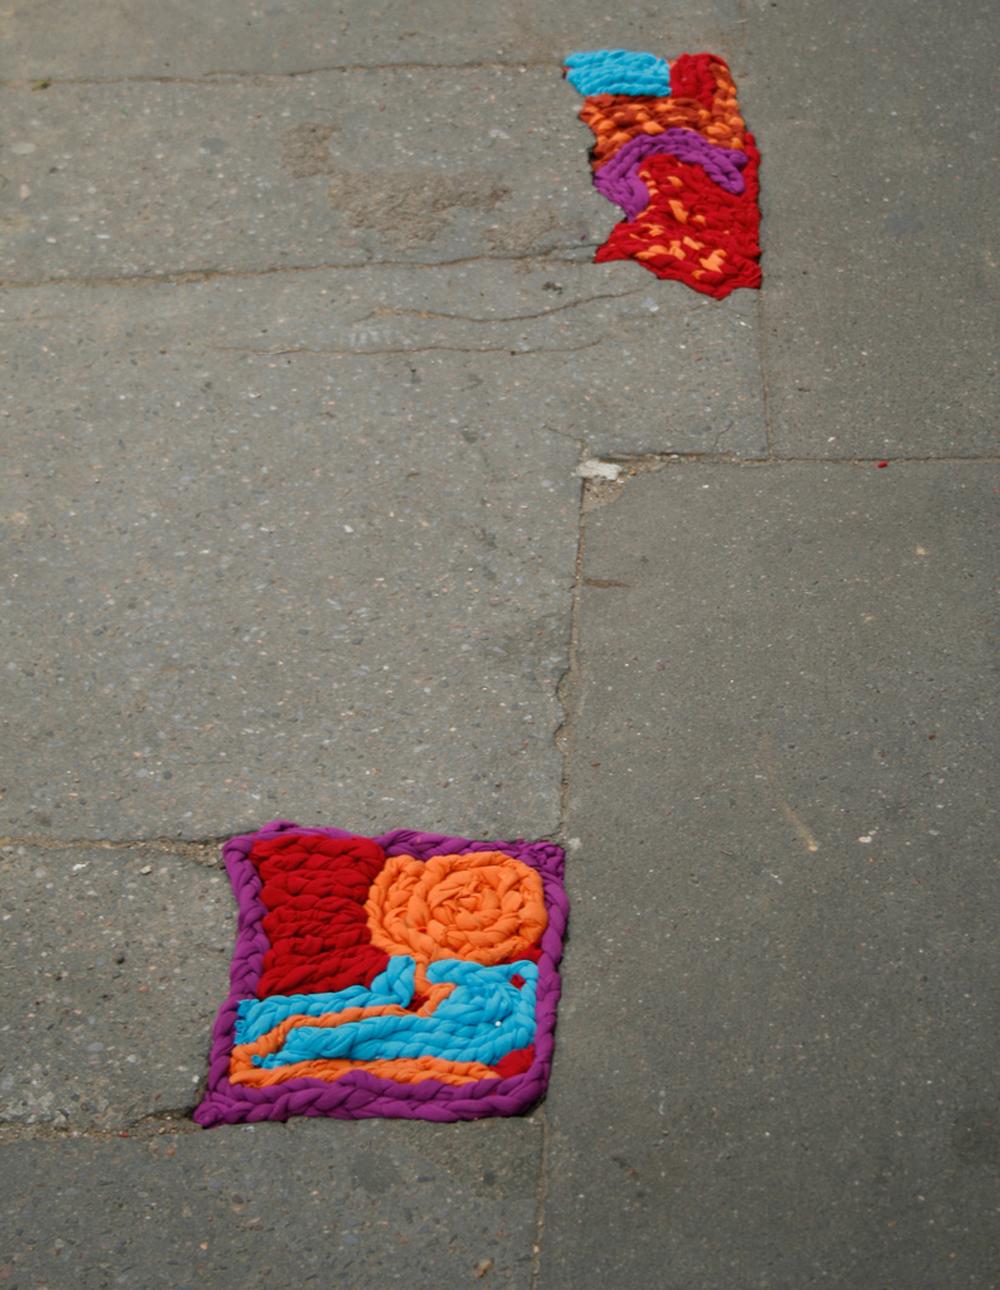 street-art-juliana-santacruz-herrera-1